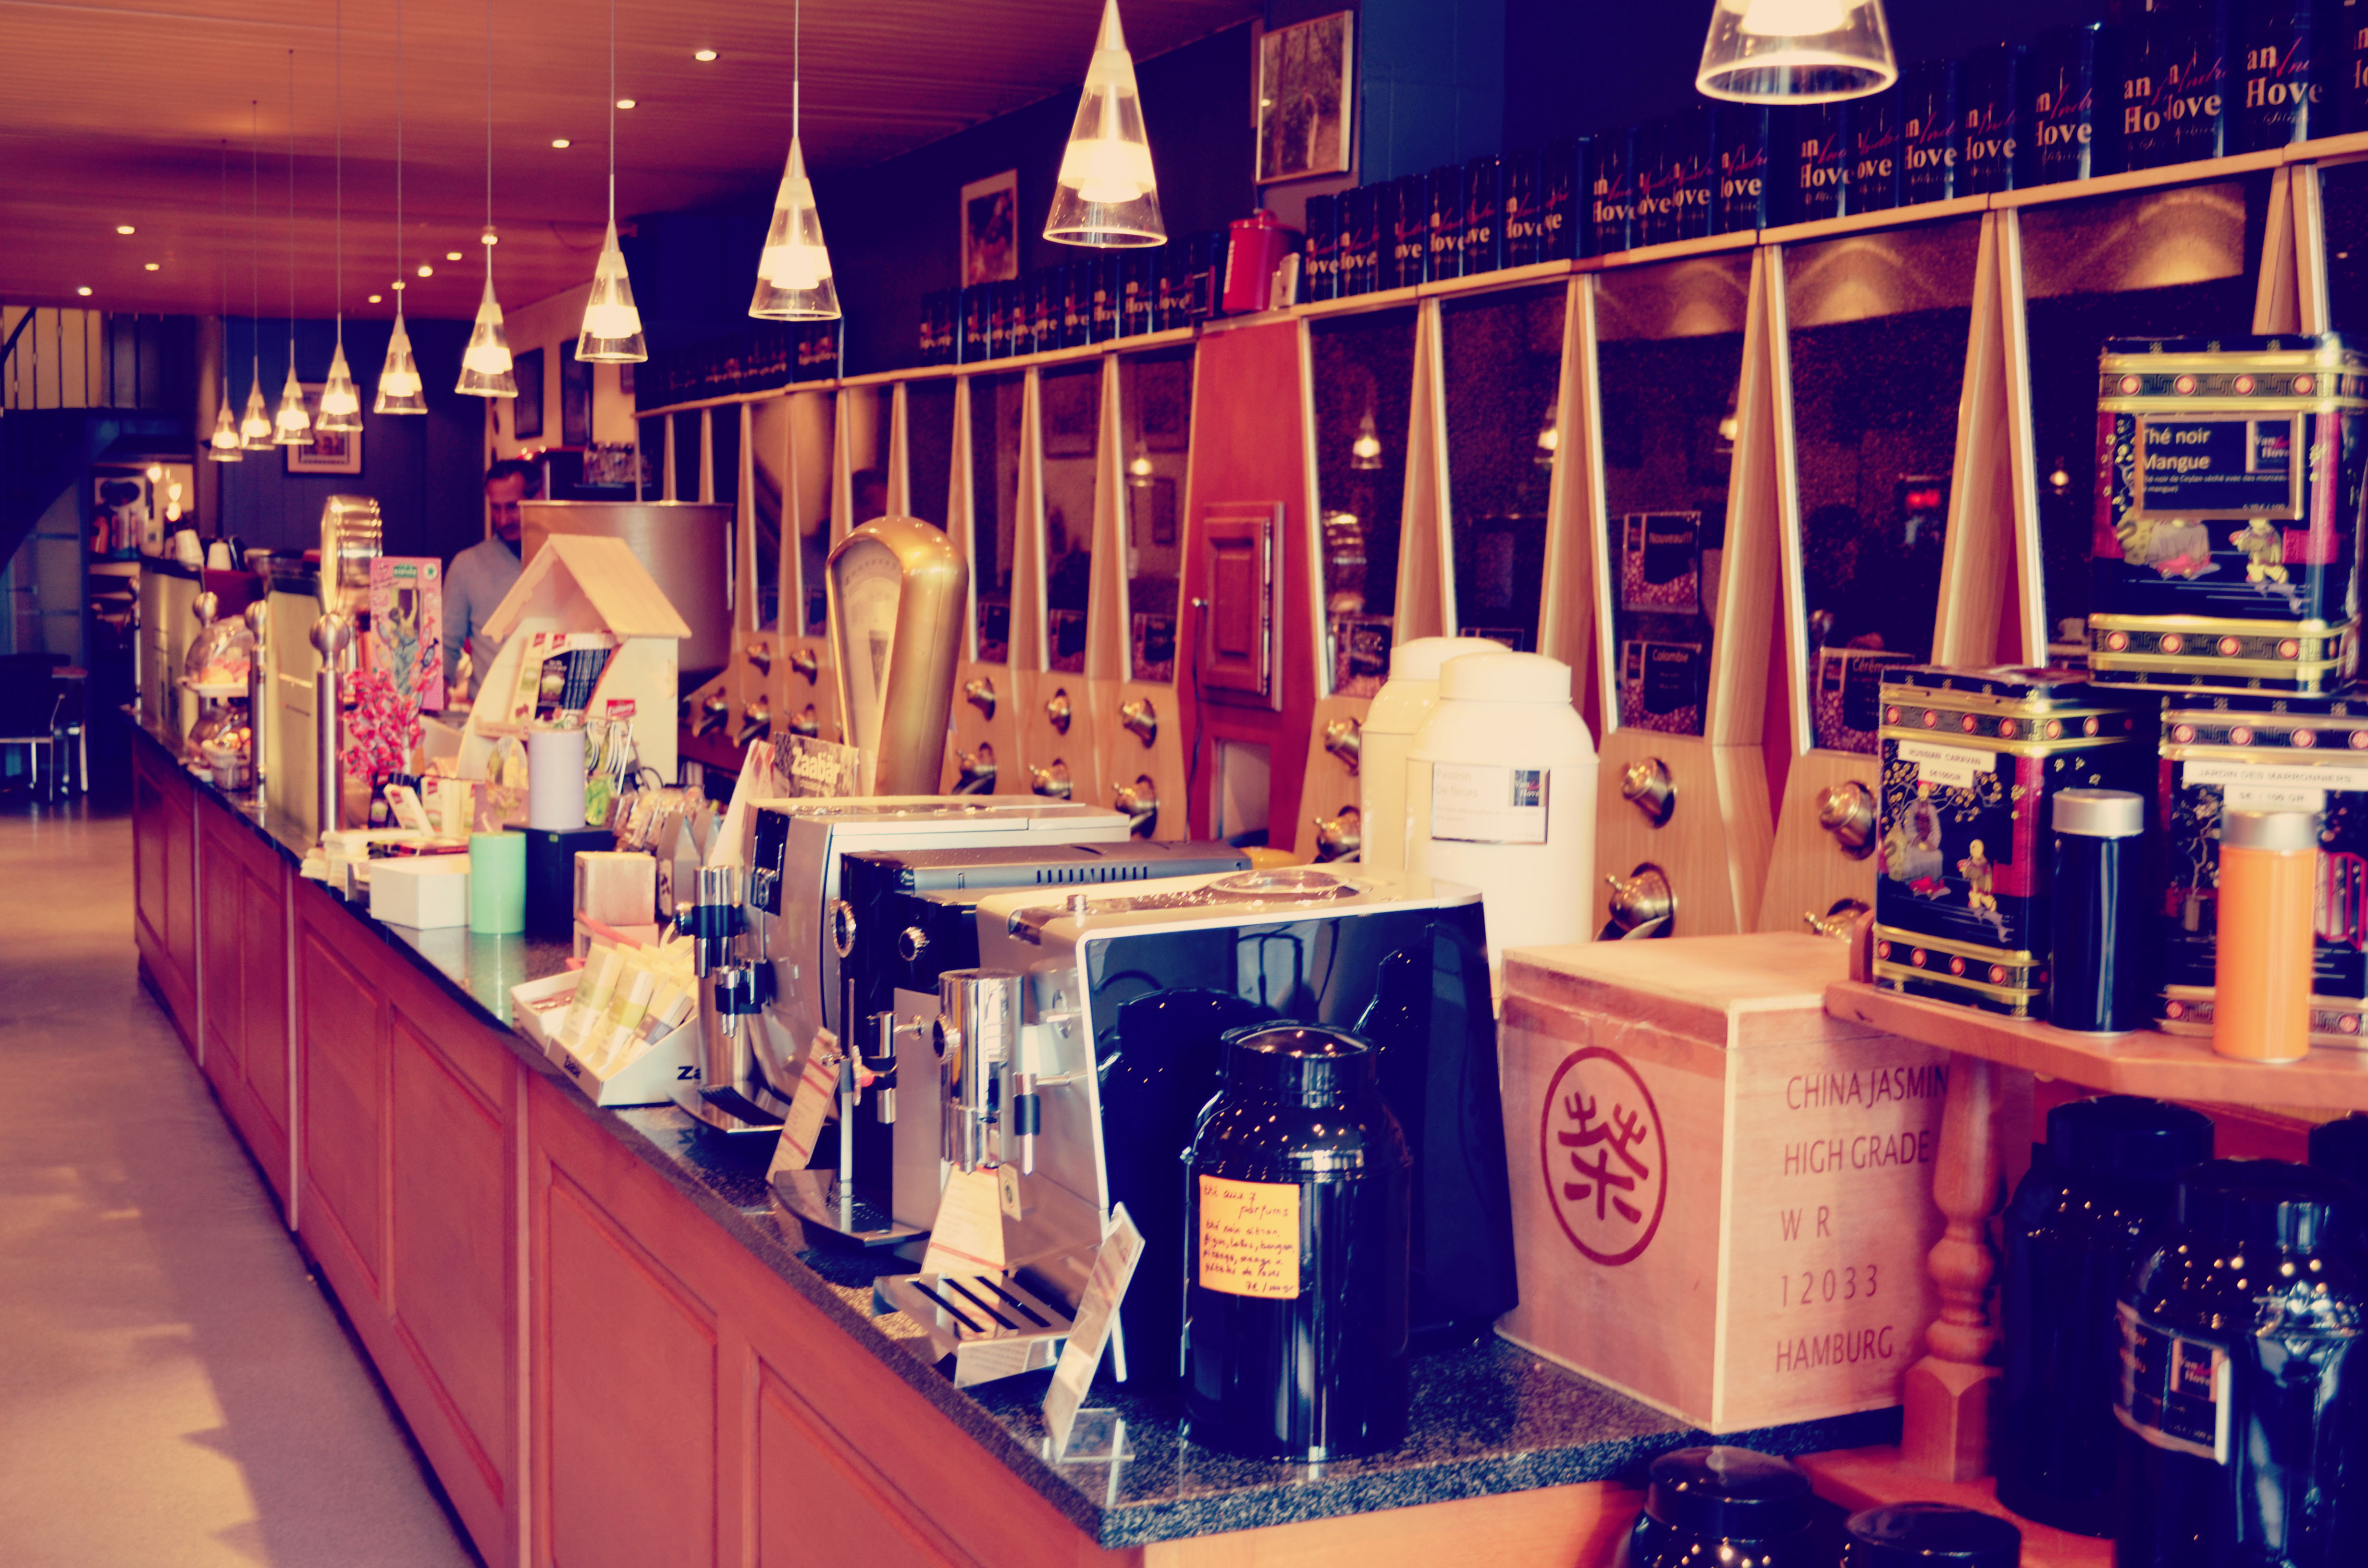 Les Cafés Van Hove